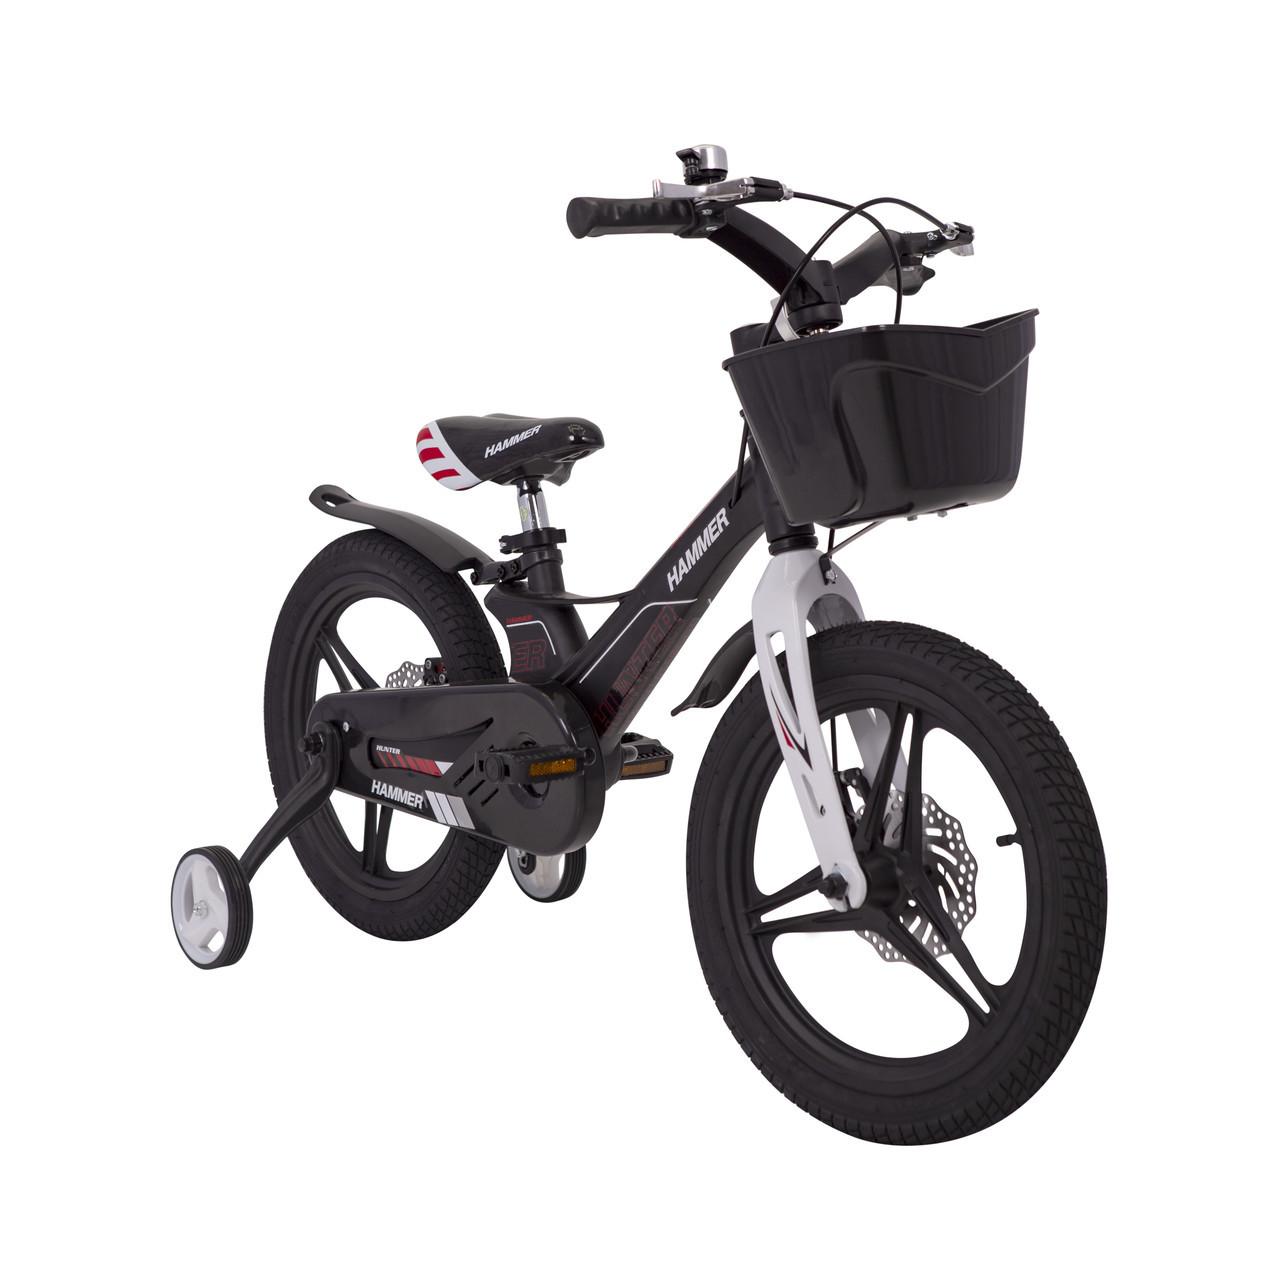 Дитячий Велосипед c полегшеної рамою HAMMER HUNTER-1850G Чорний з кошиком Магнієвий